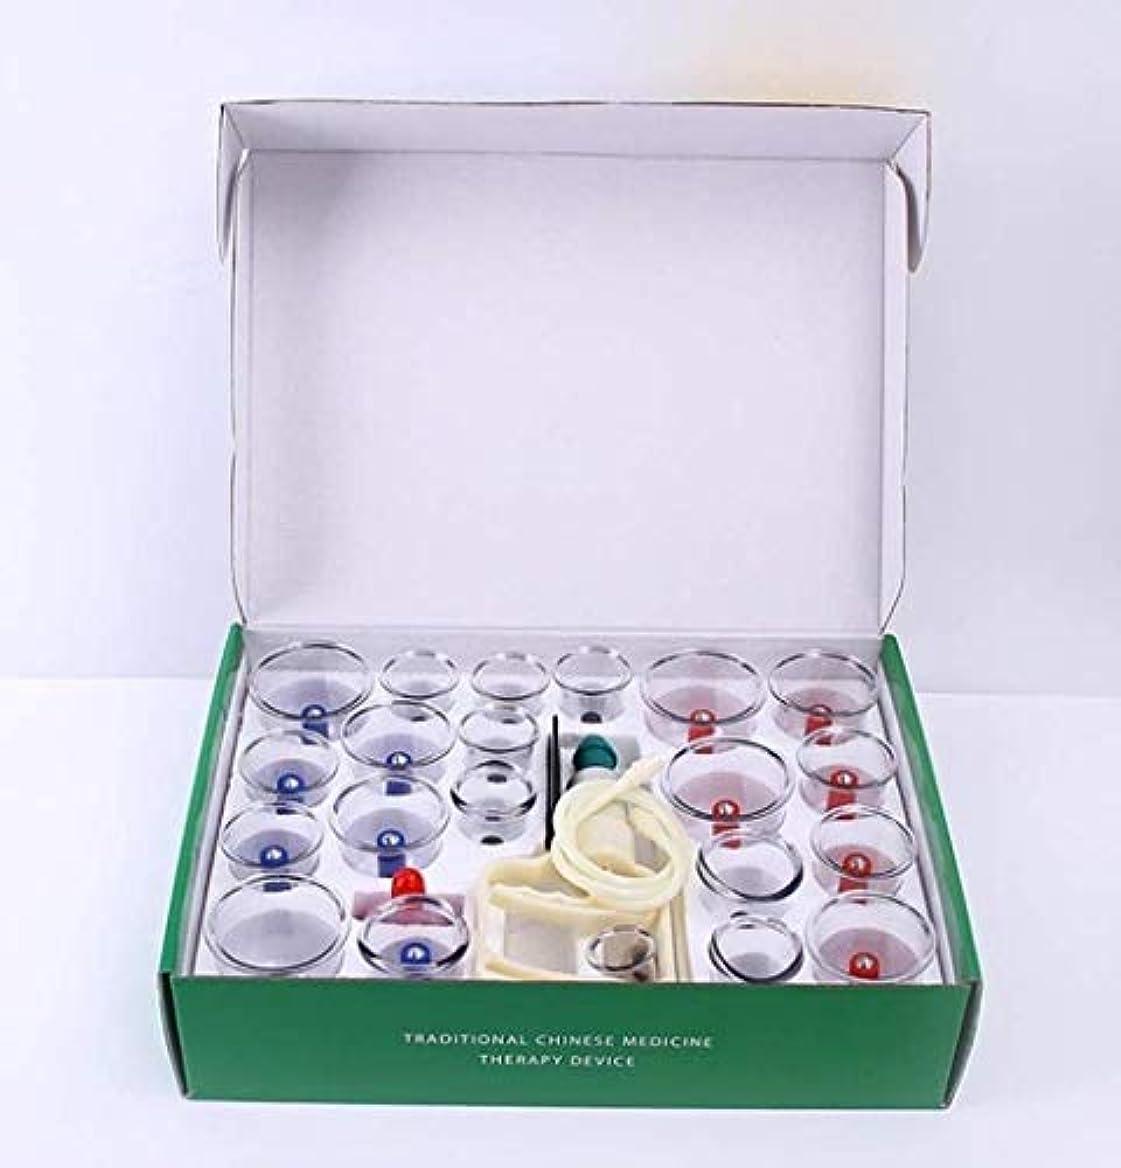 種無礼にディベートカッピングセットのプロフェッショナル中国のツボカッピングセラピーセット、真空ポンプ磁気セルライトカッピングマッサージキットで吸引カッピングセット